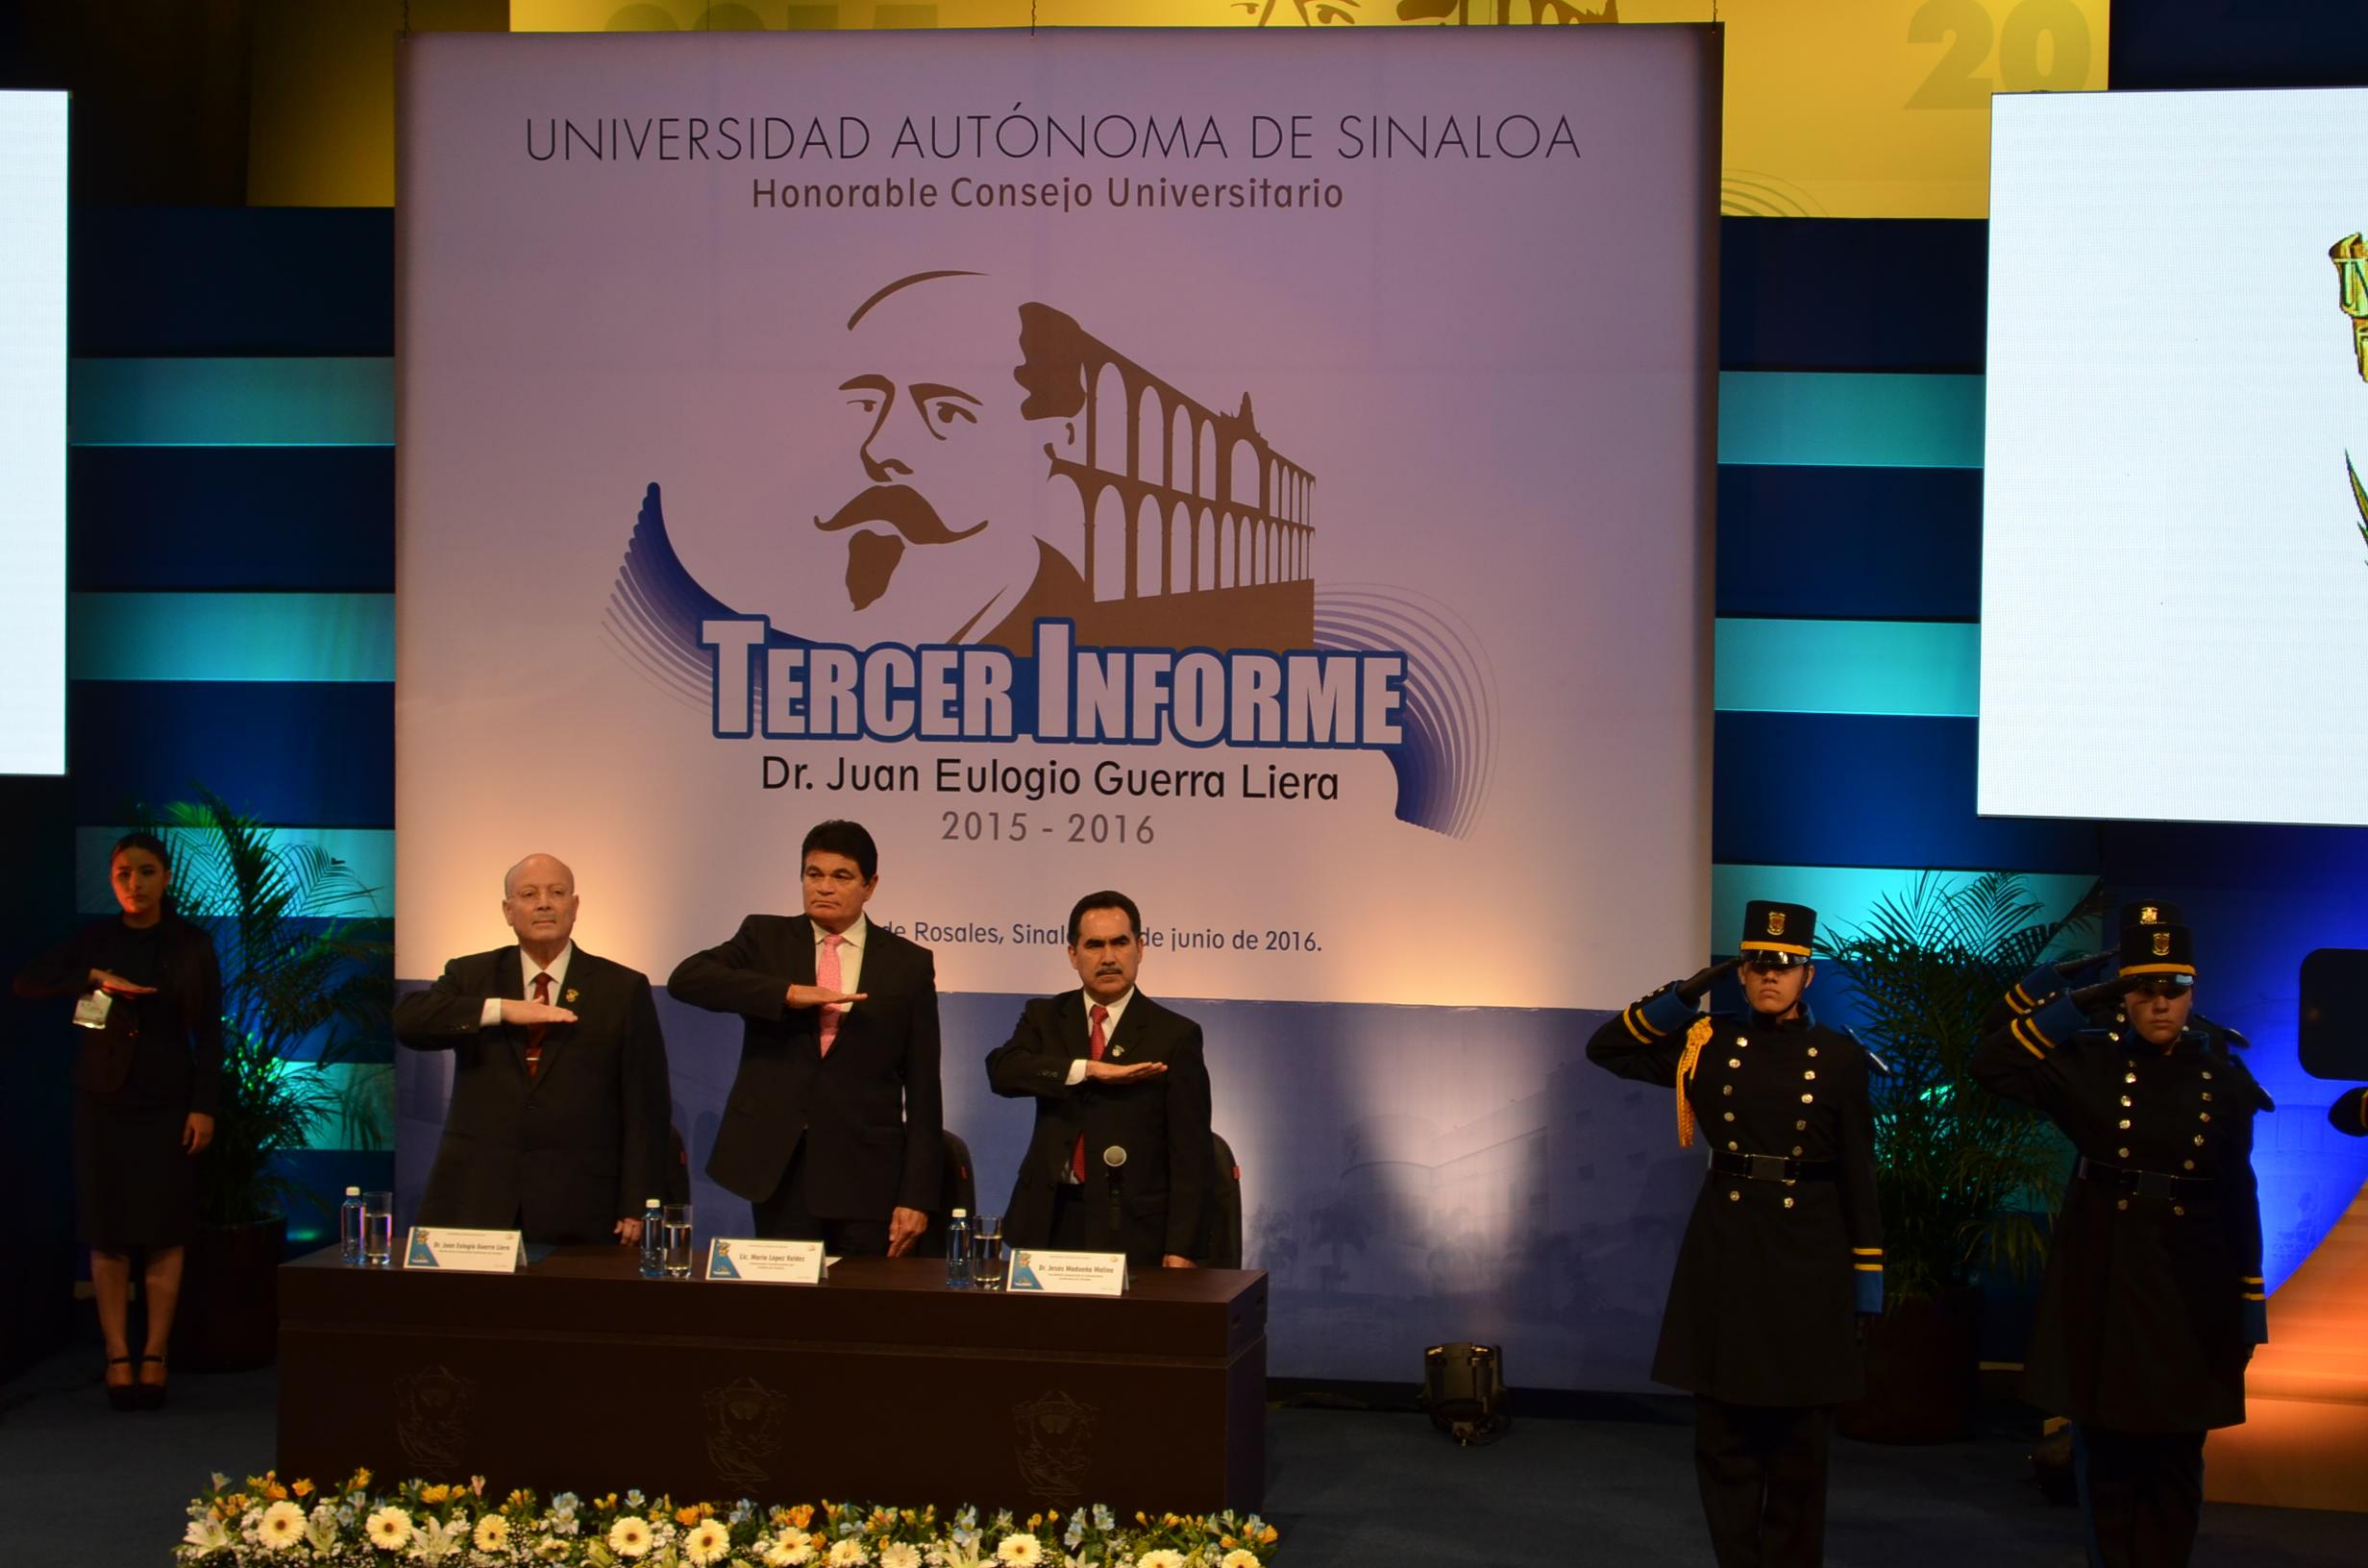 Rector, gobernador del estado y miembro del consejo de UAS. Fotografía: Gabriela Sánchez